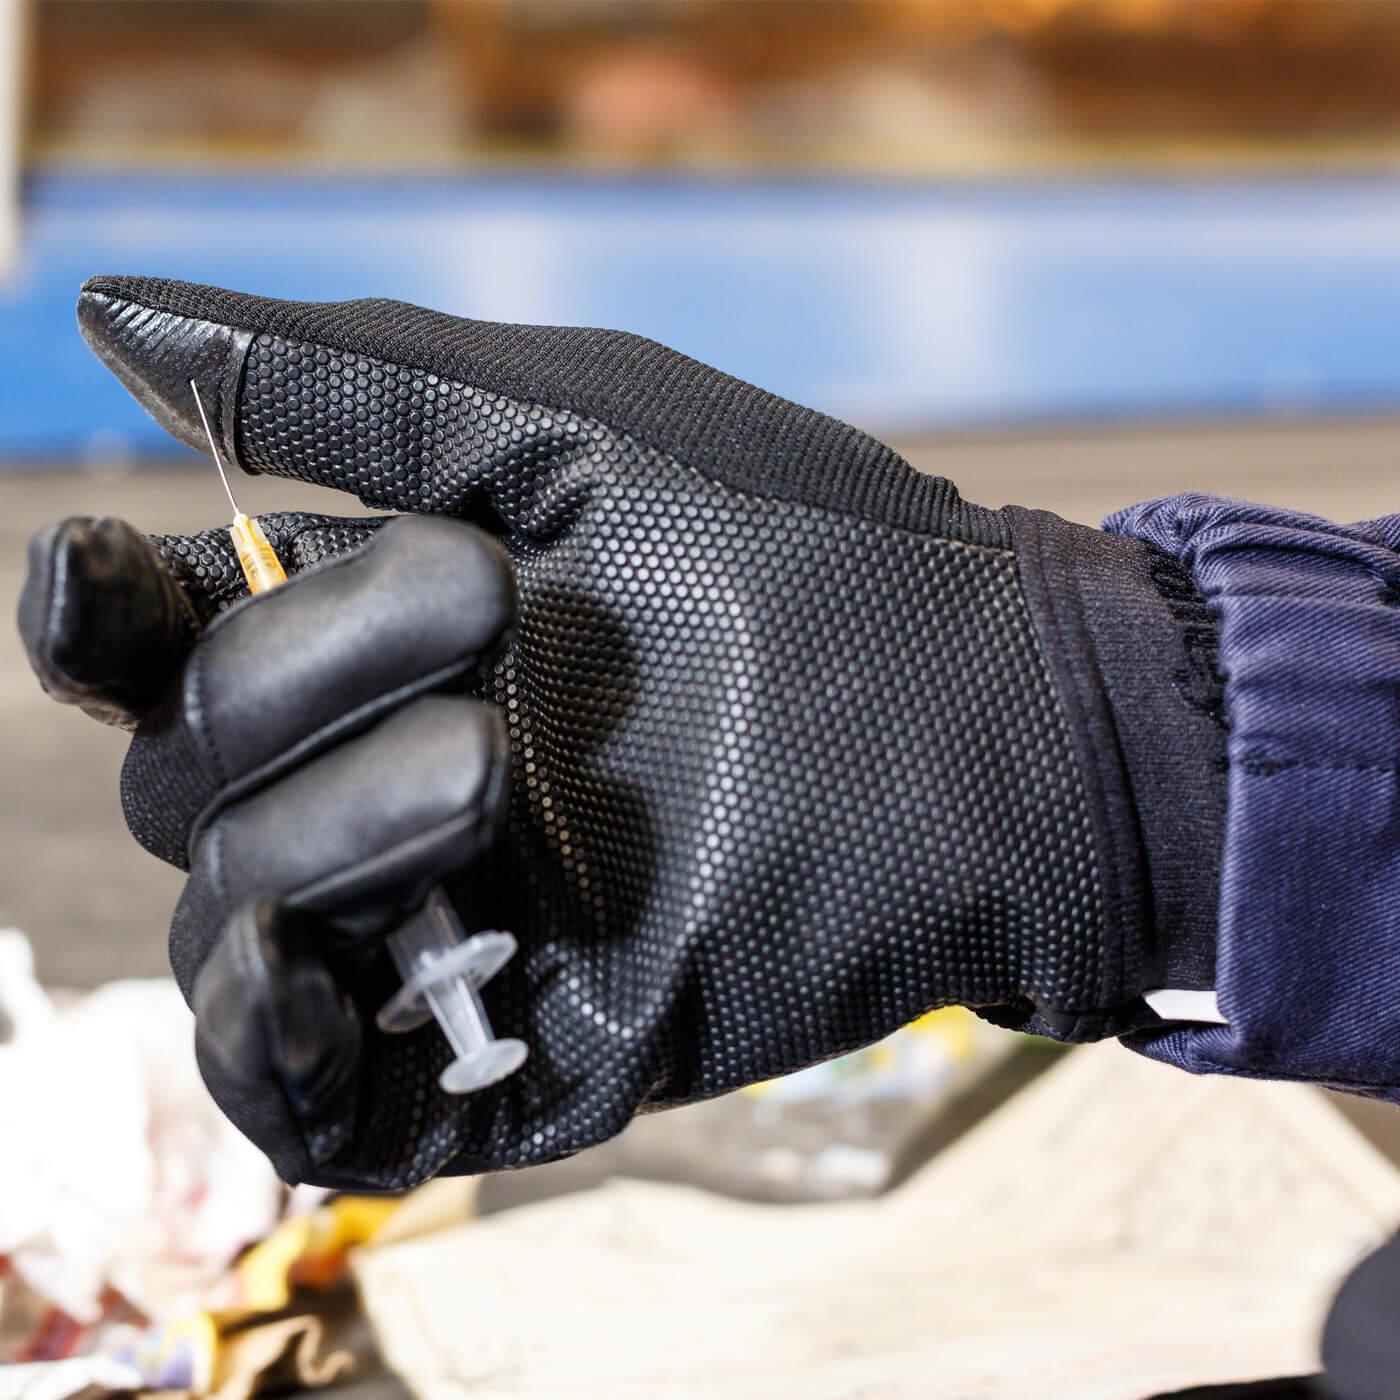 Rękawice montażowe antyprzekłuciowe Honeywell Picguard Urban